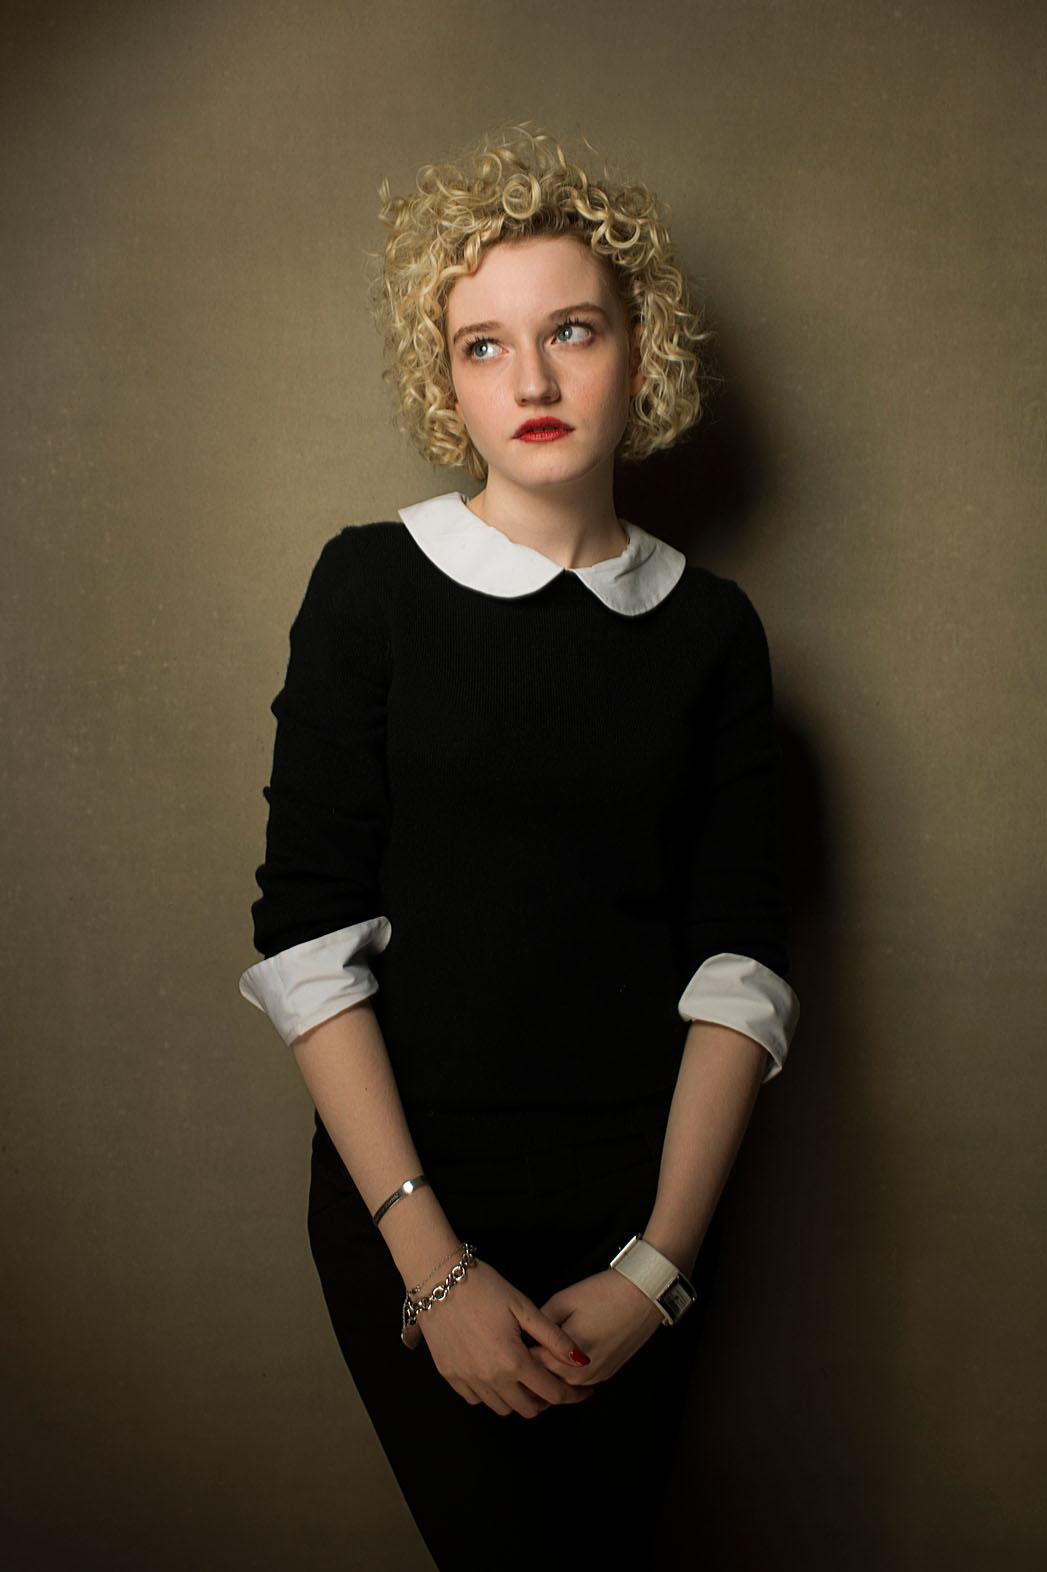 Julia Garner Portrait - P 2014